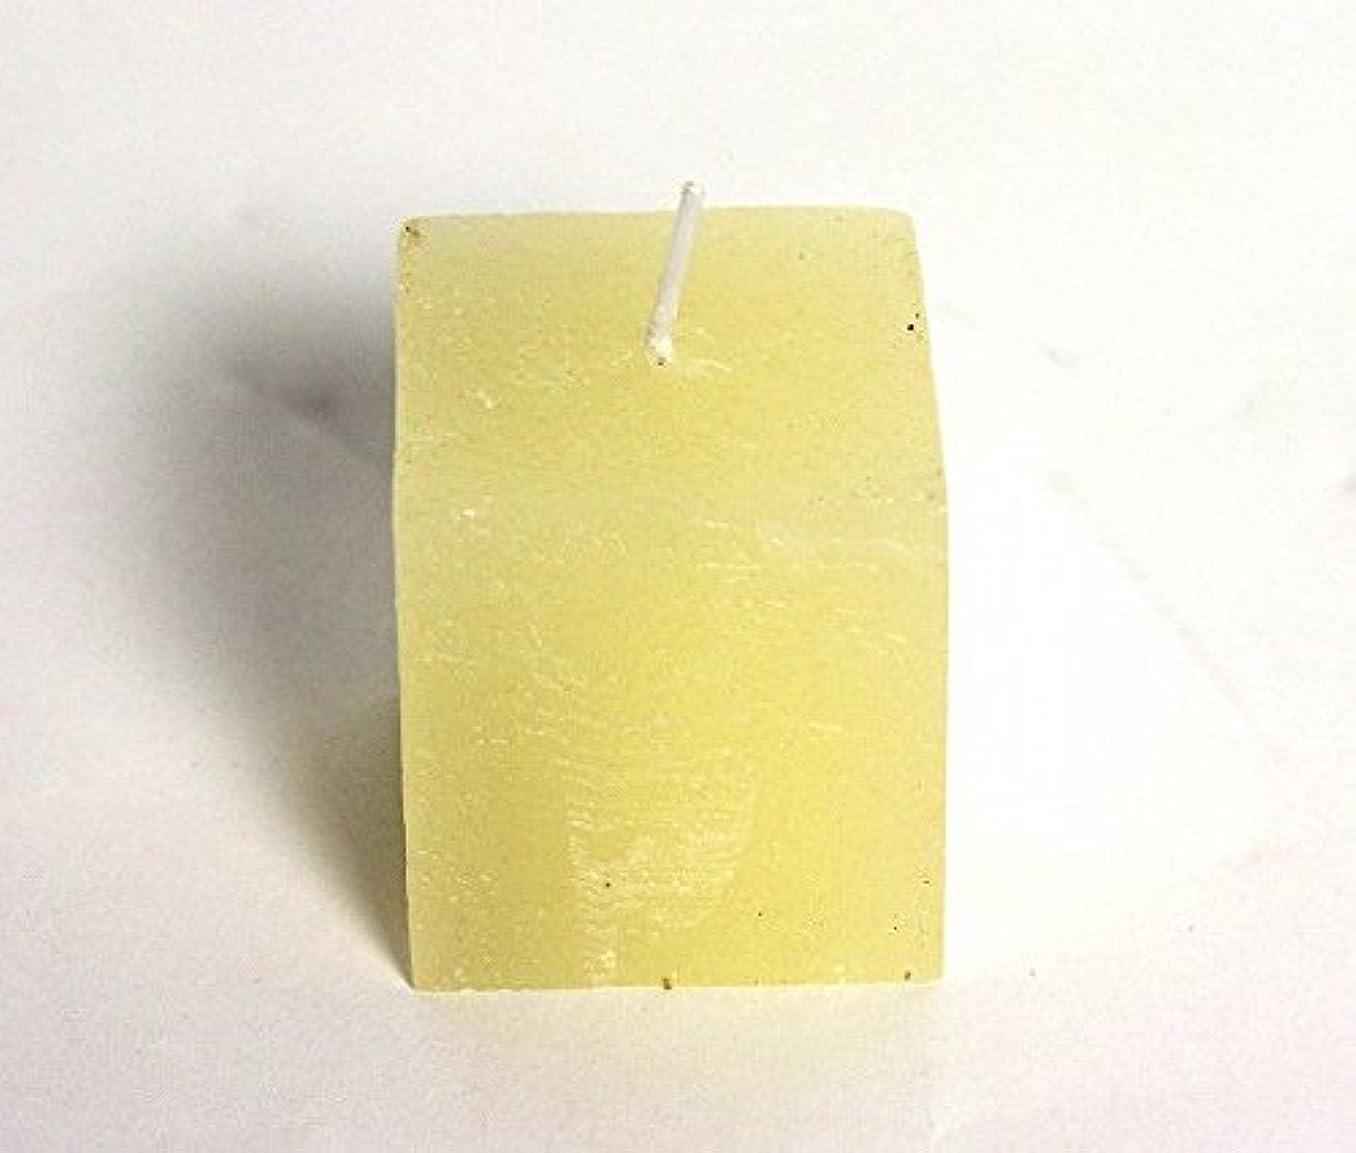 項目暴力的な指令kameyama candle(カメヤマキャンドル) ラスティクミニキューブ 「 アイボリー 」(A4921000IV)